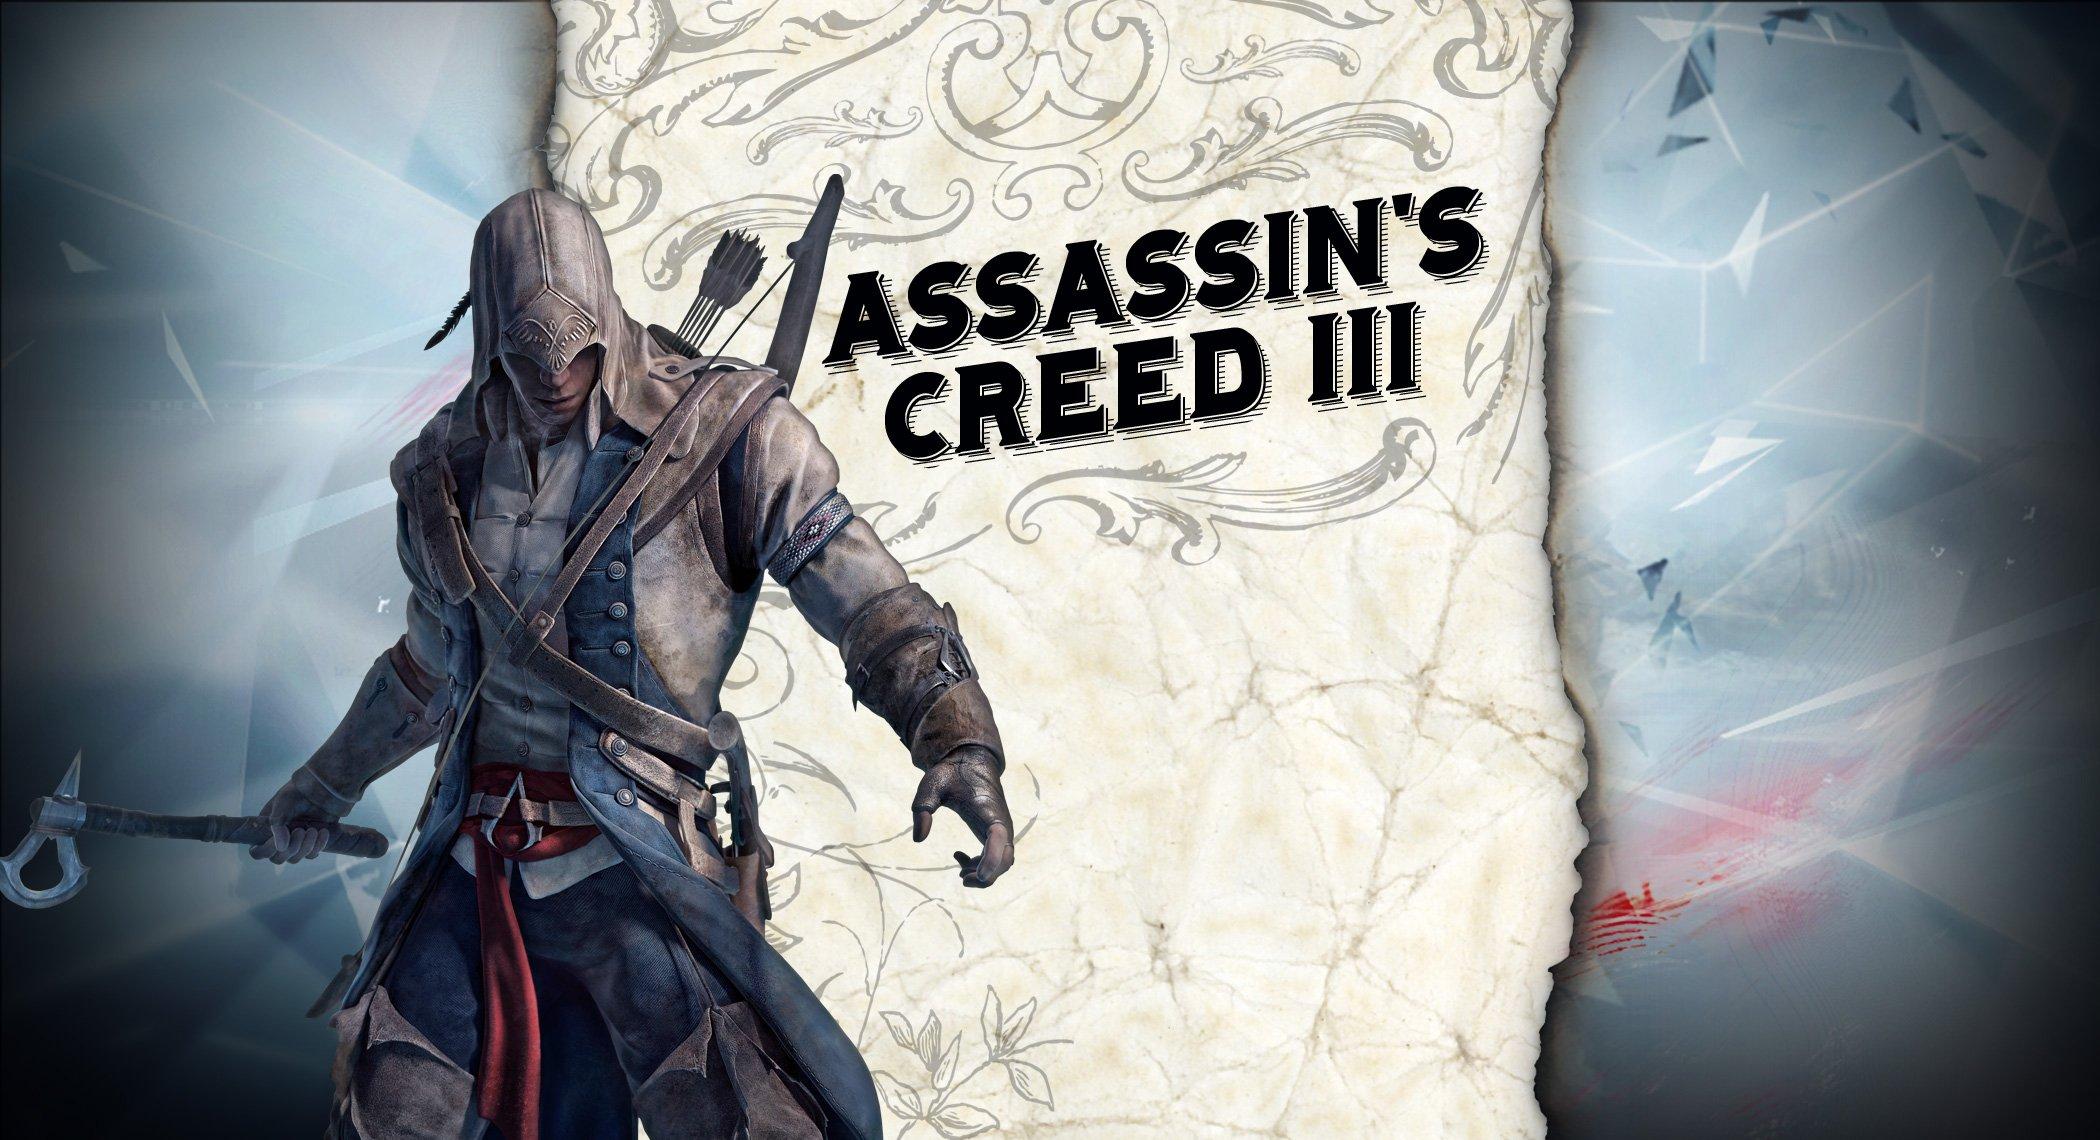 Assassin's Creed III станет главной темой апрельского номера журнала Gameinformer.   Как и предполагалось ранее реда ... - Изображение 1